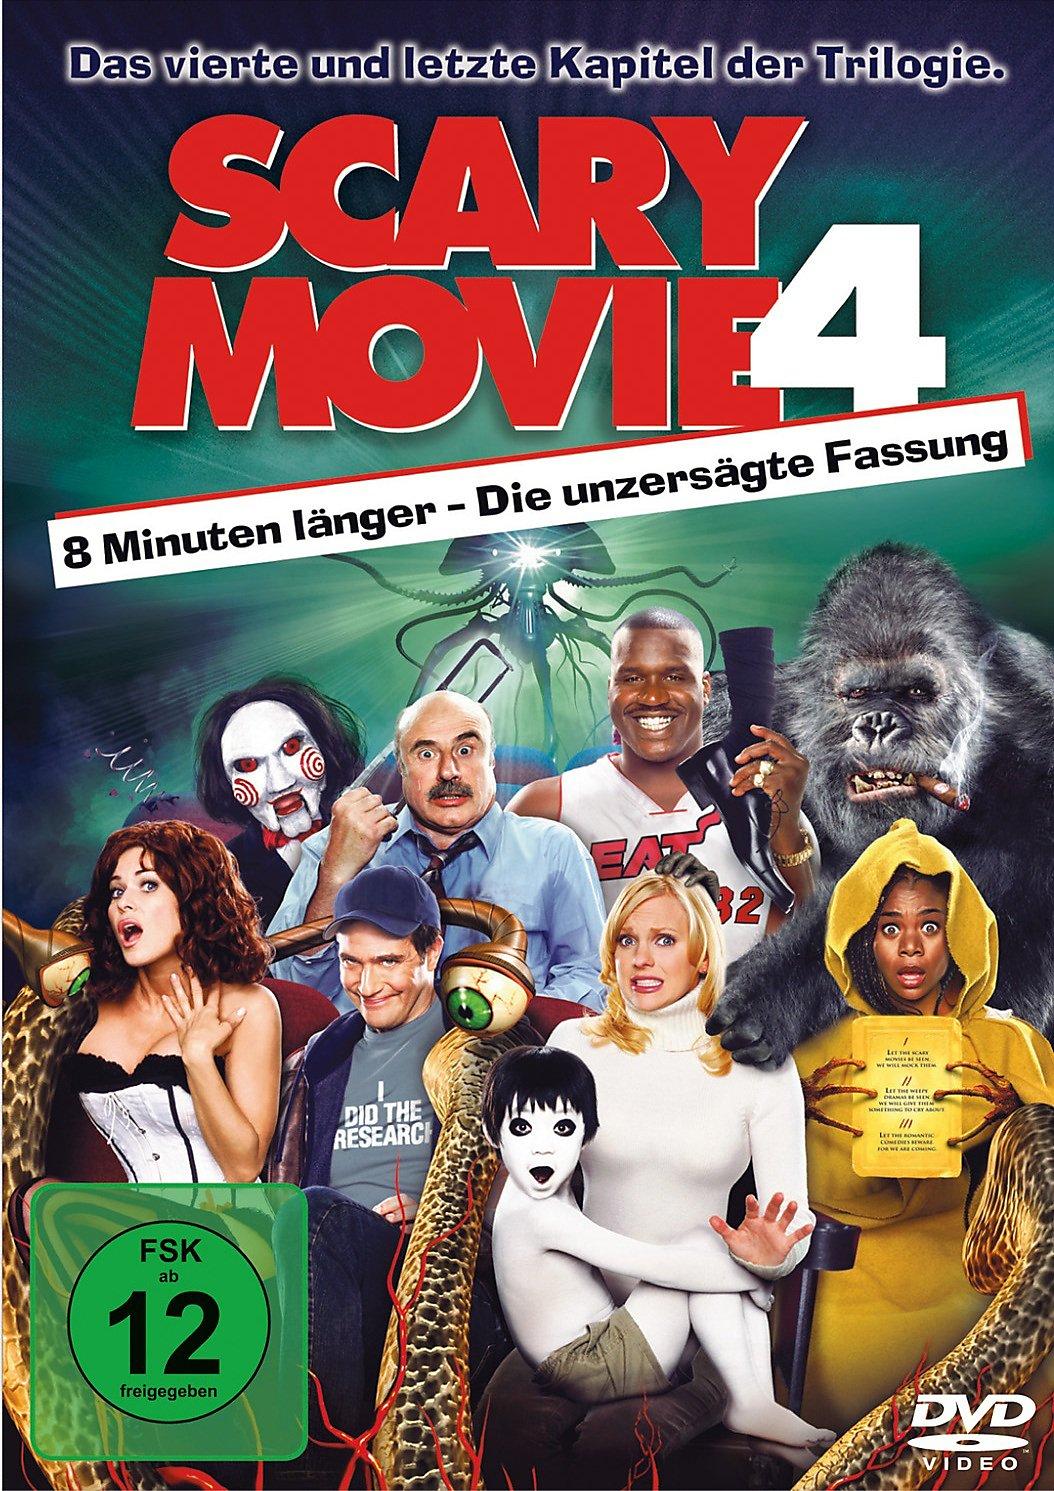 Scary Movie 4 DVD jetzt bei Weltbild.de online bestellen